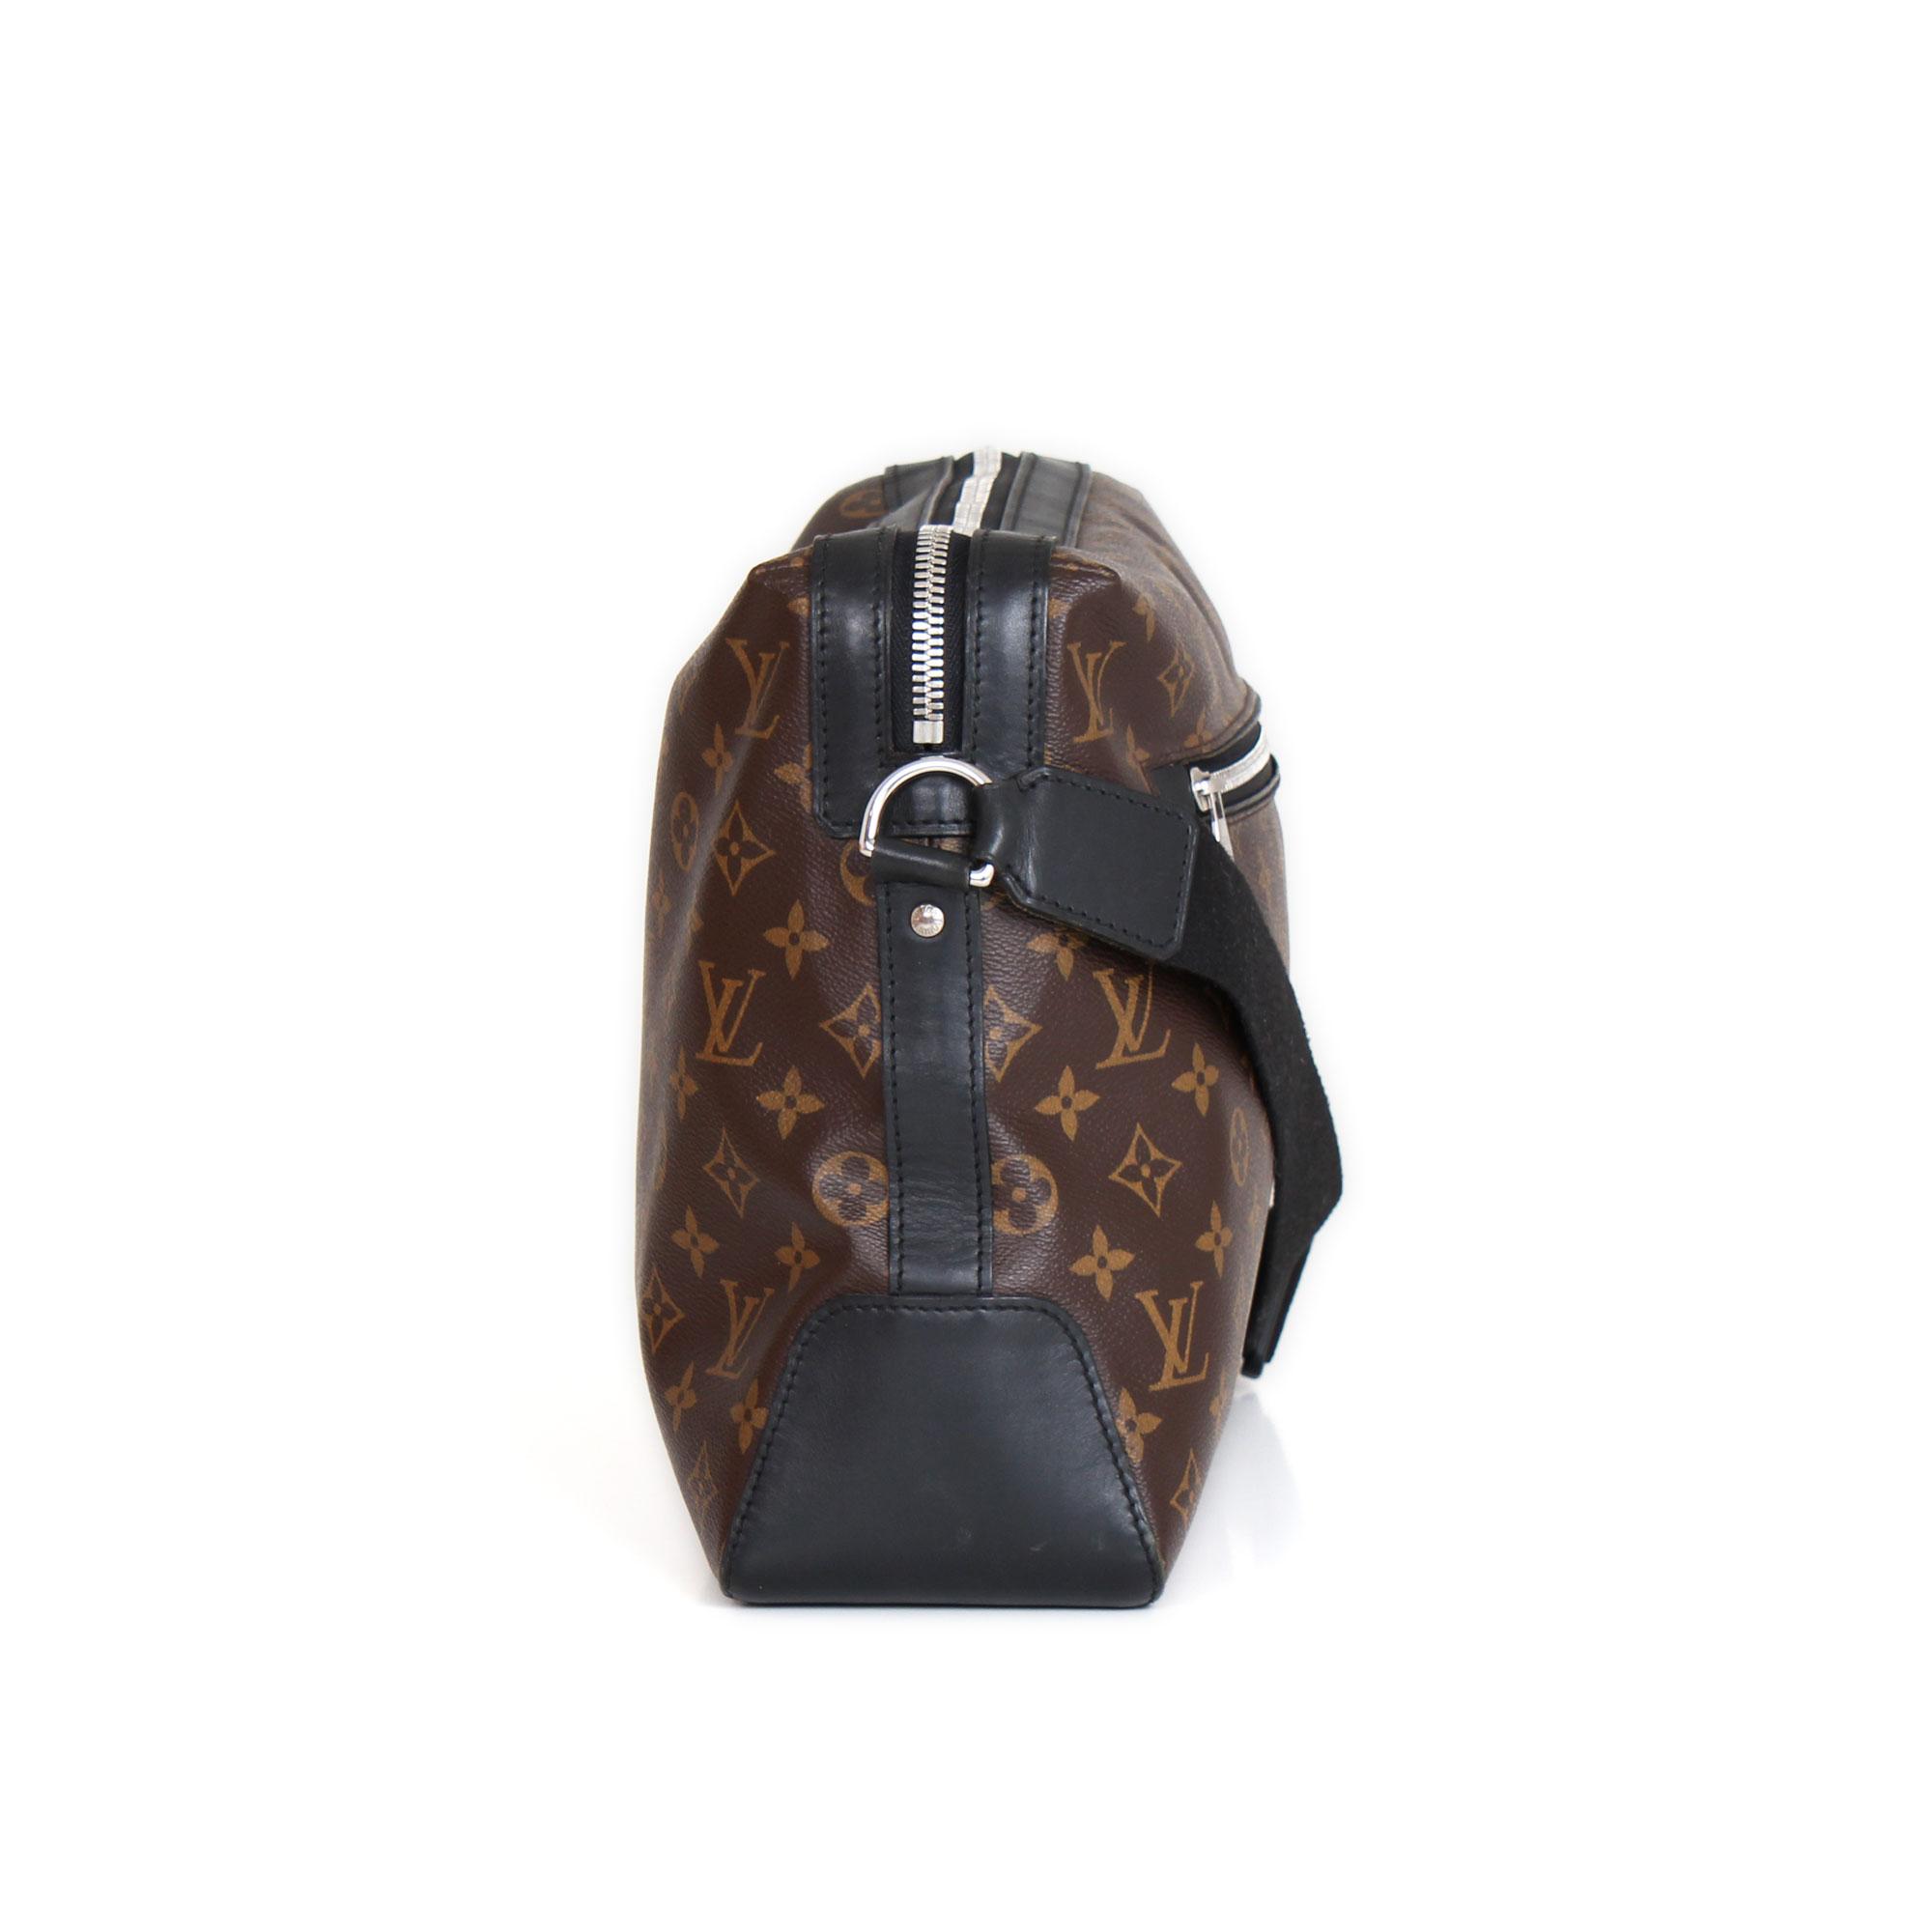 fe2edf8bbe49 Lona Monograma y piel Macasar. Louis Vuitton Torres Monogram and Macasar Messenger  Bag